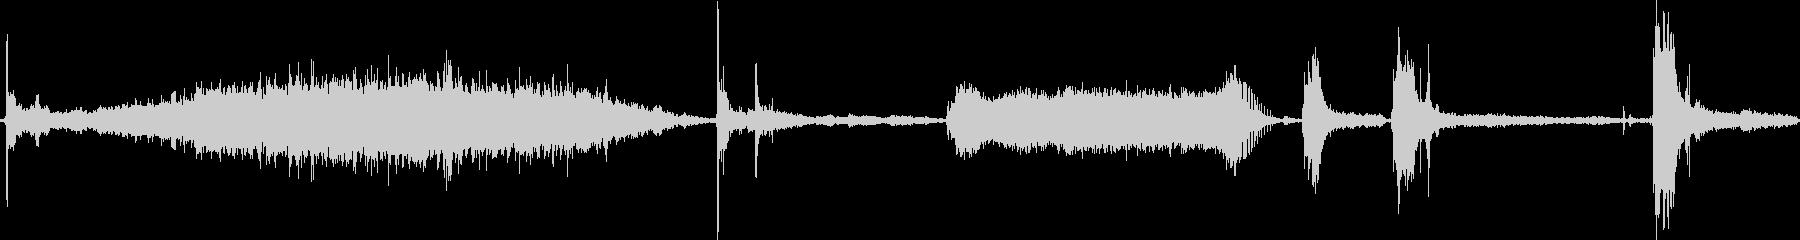 マシンバンドソーの未再生の波形